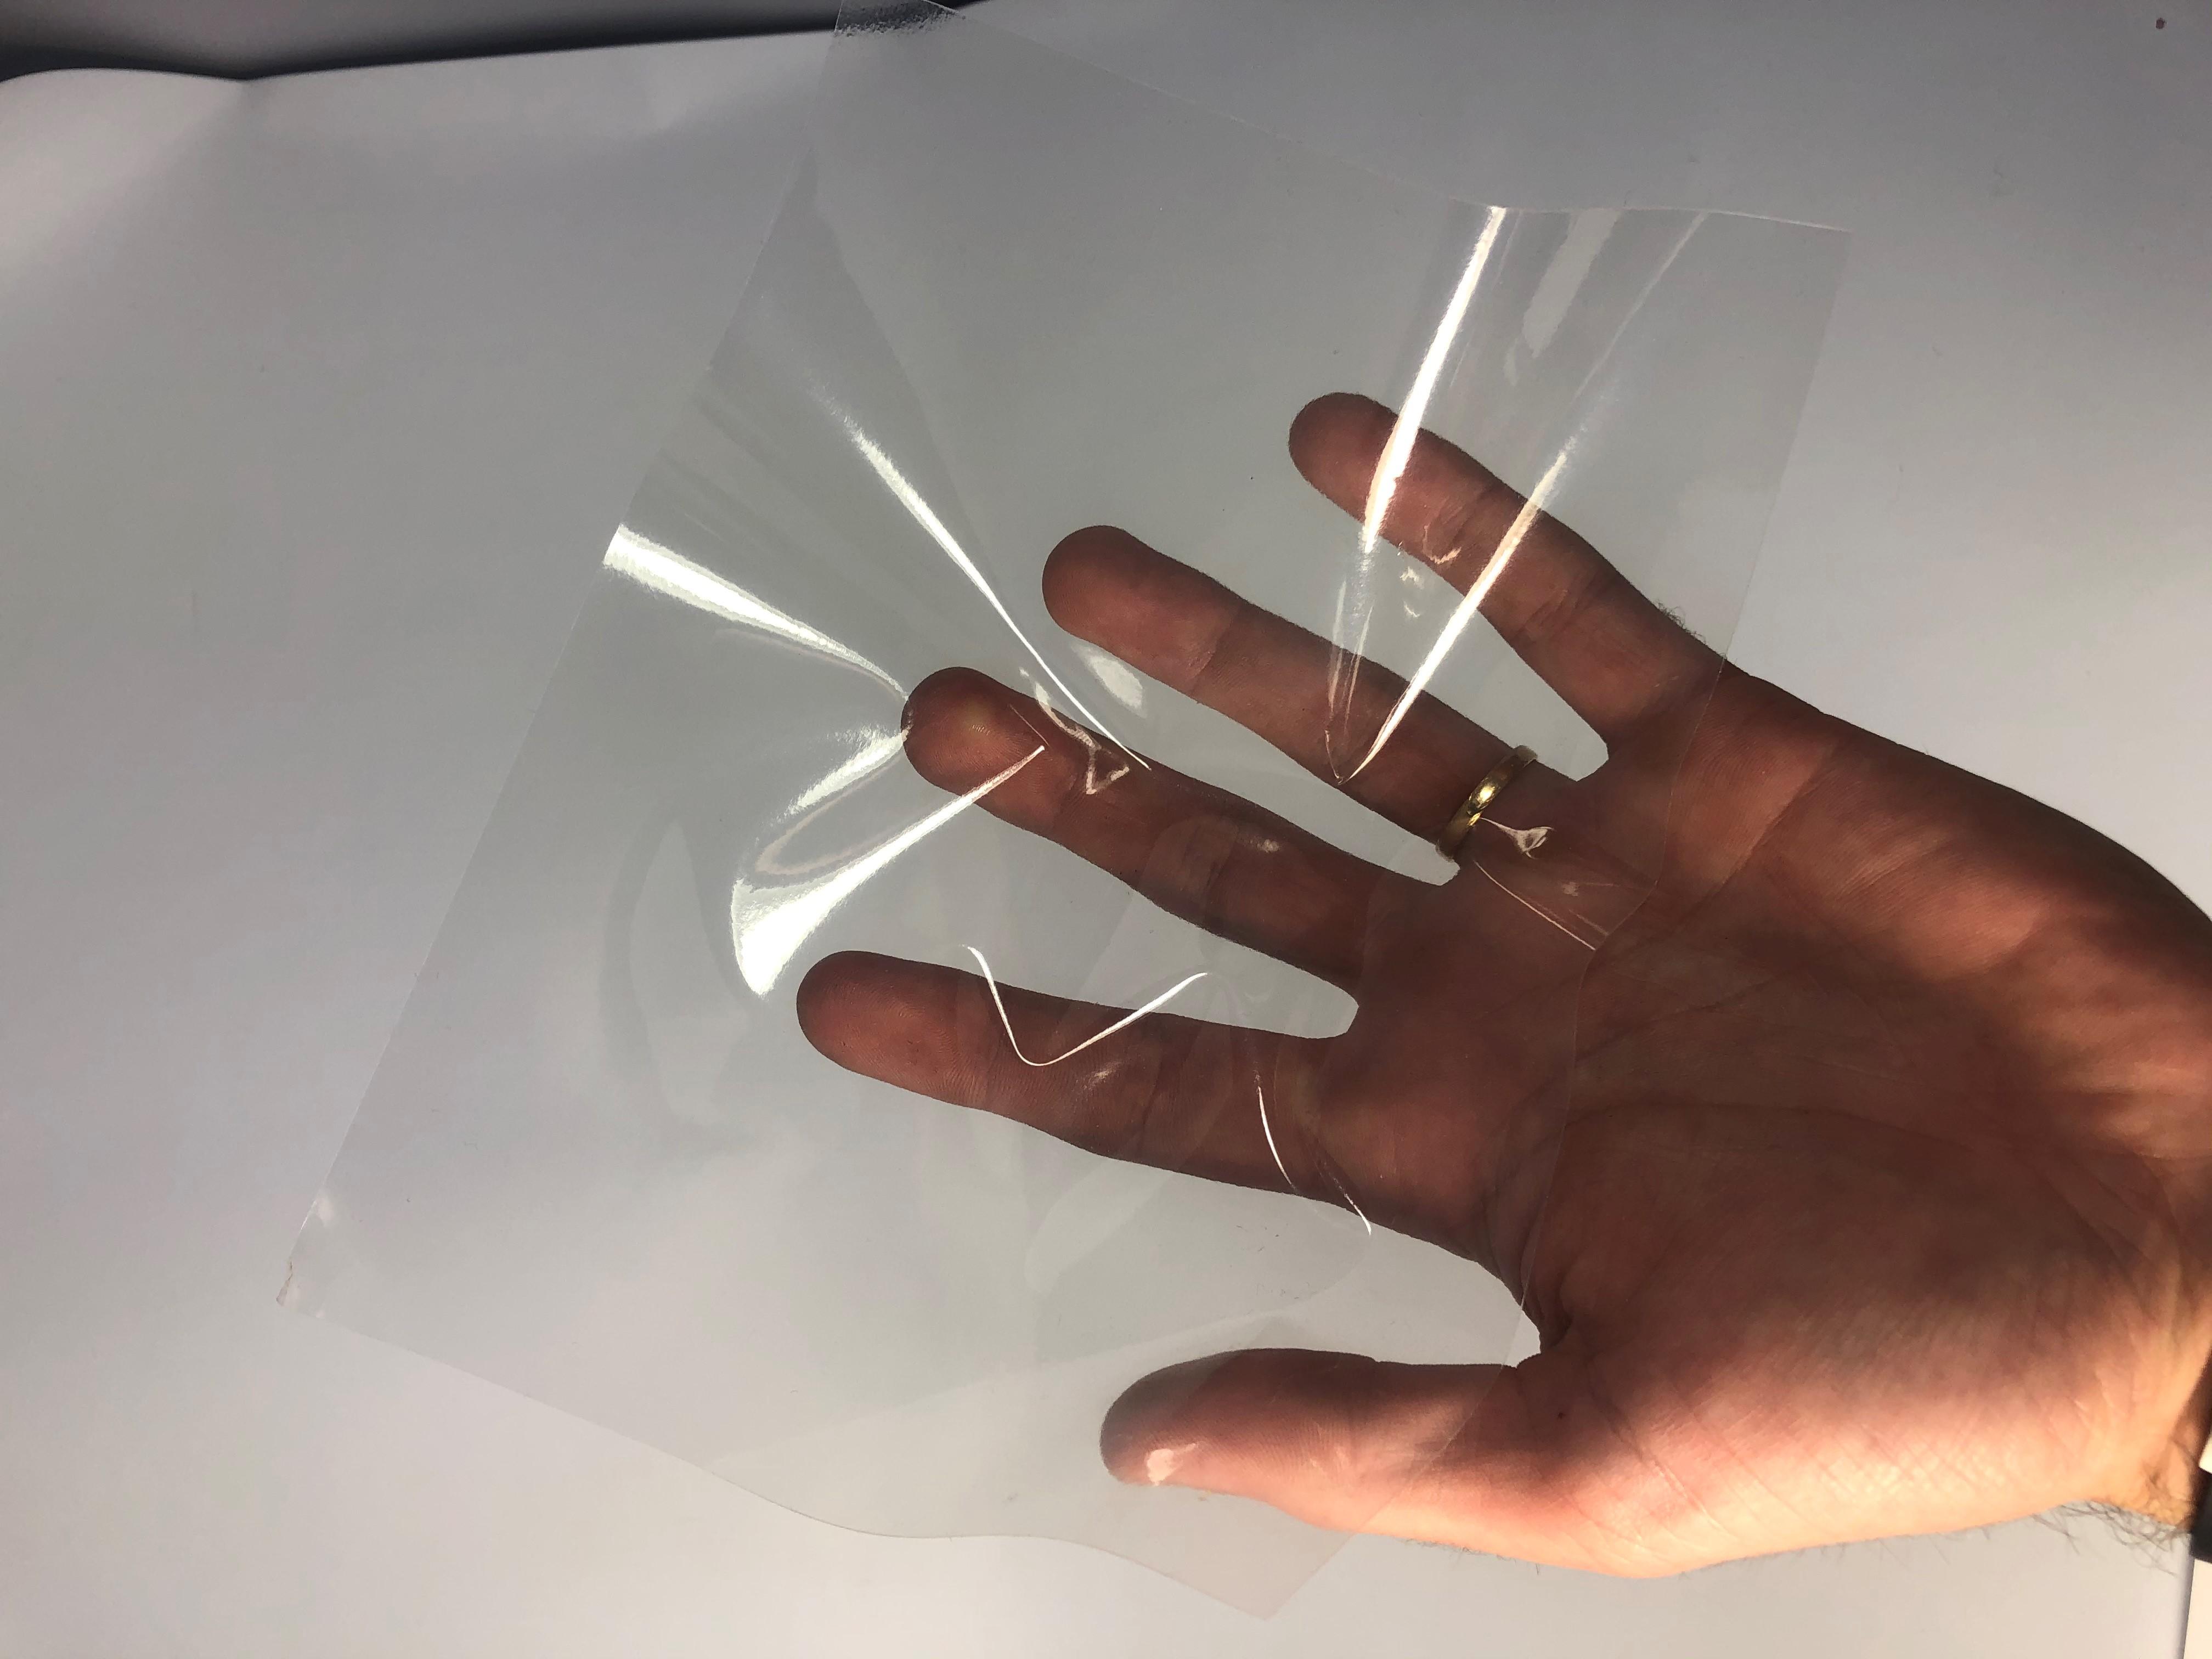 4Protect anti-bacterial screen protectors